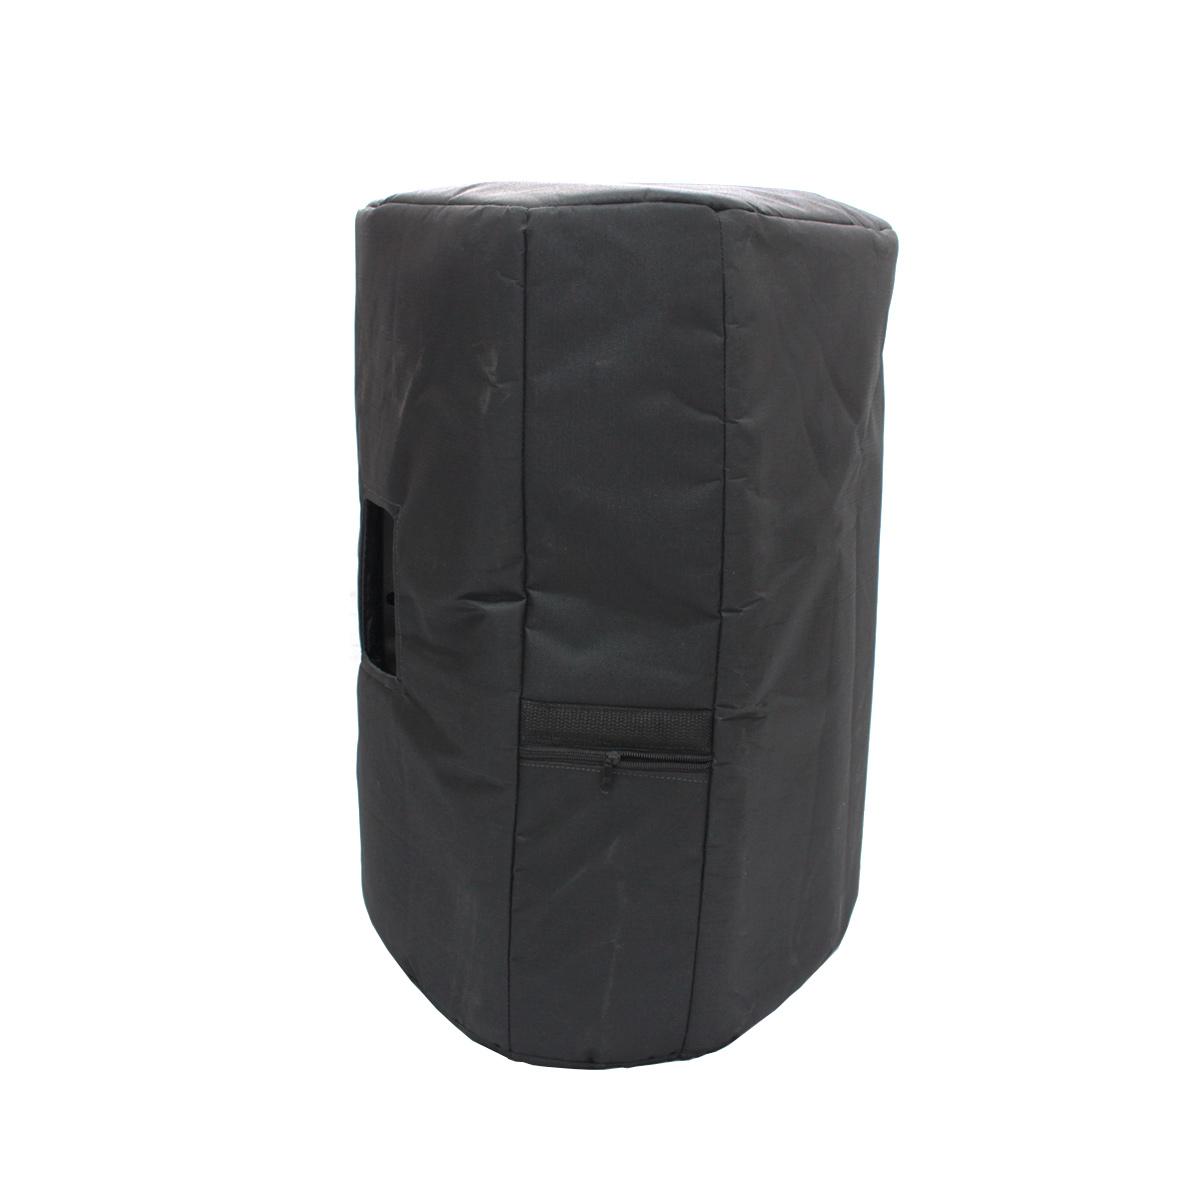 Capa de Proteção p/ a Caixa CSR 3000 - VR